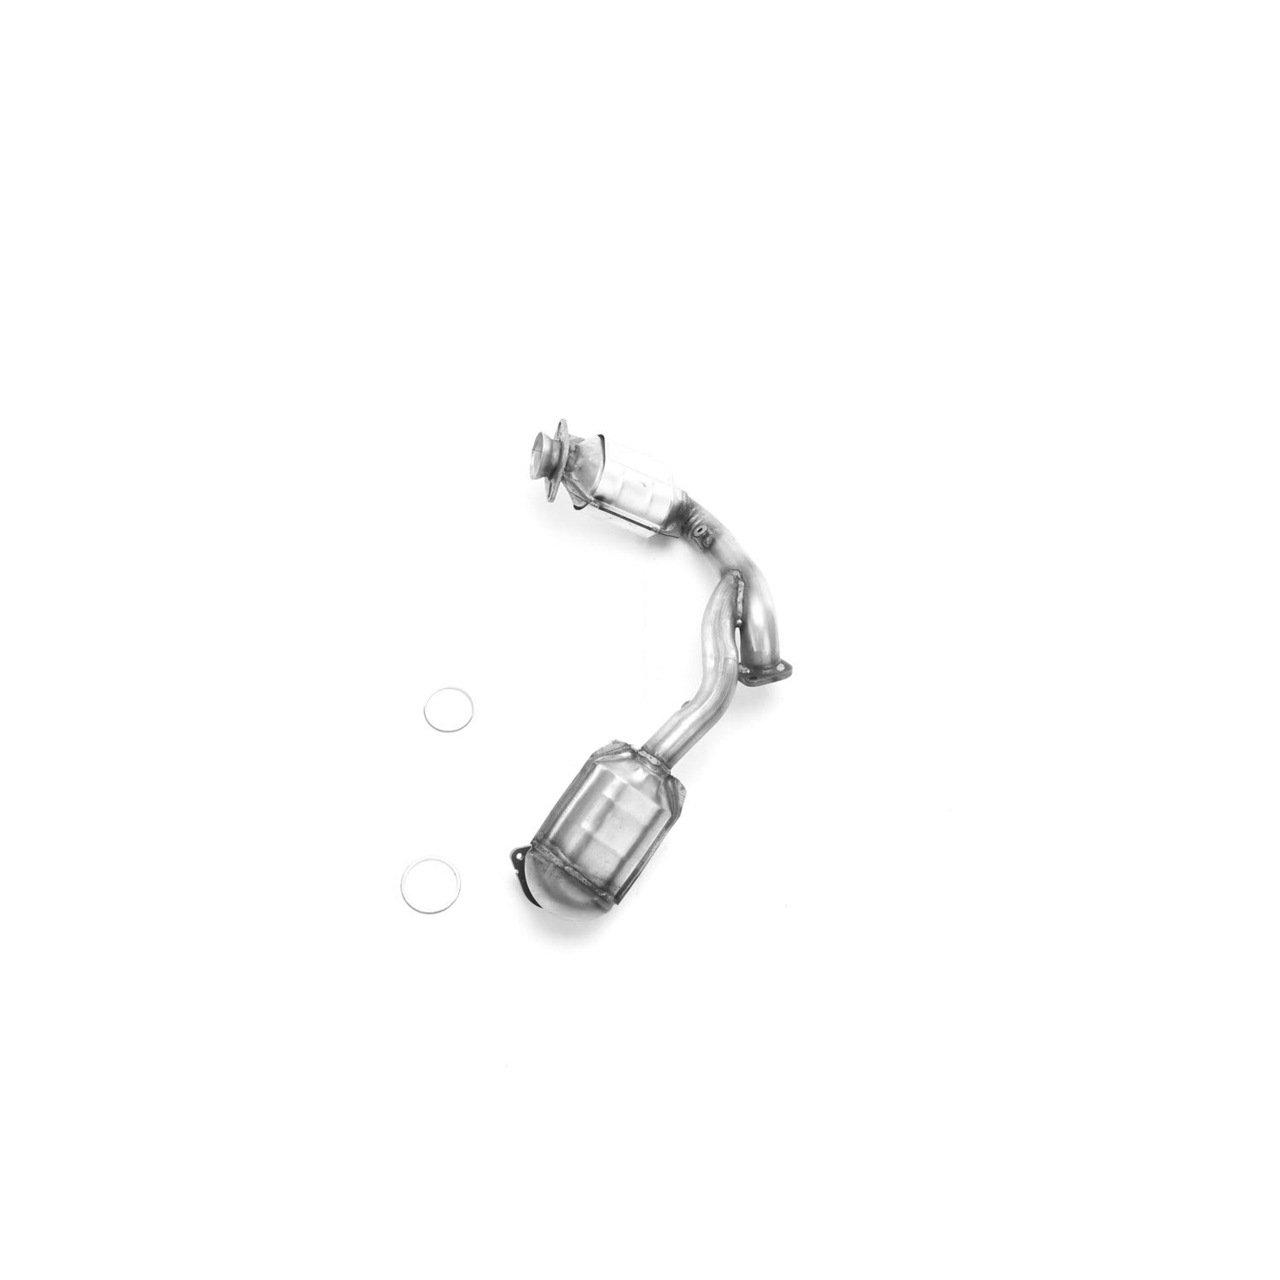 AP Exhaust 642696 Catalytic Converter